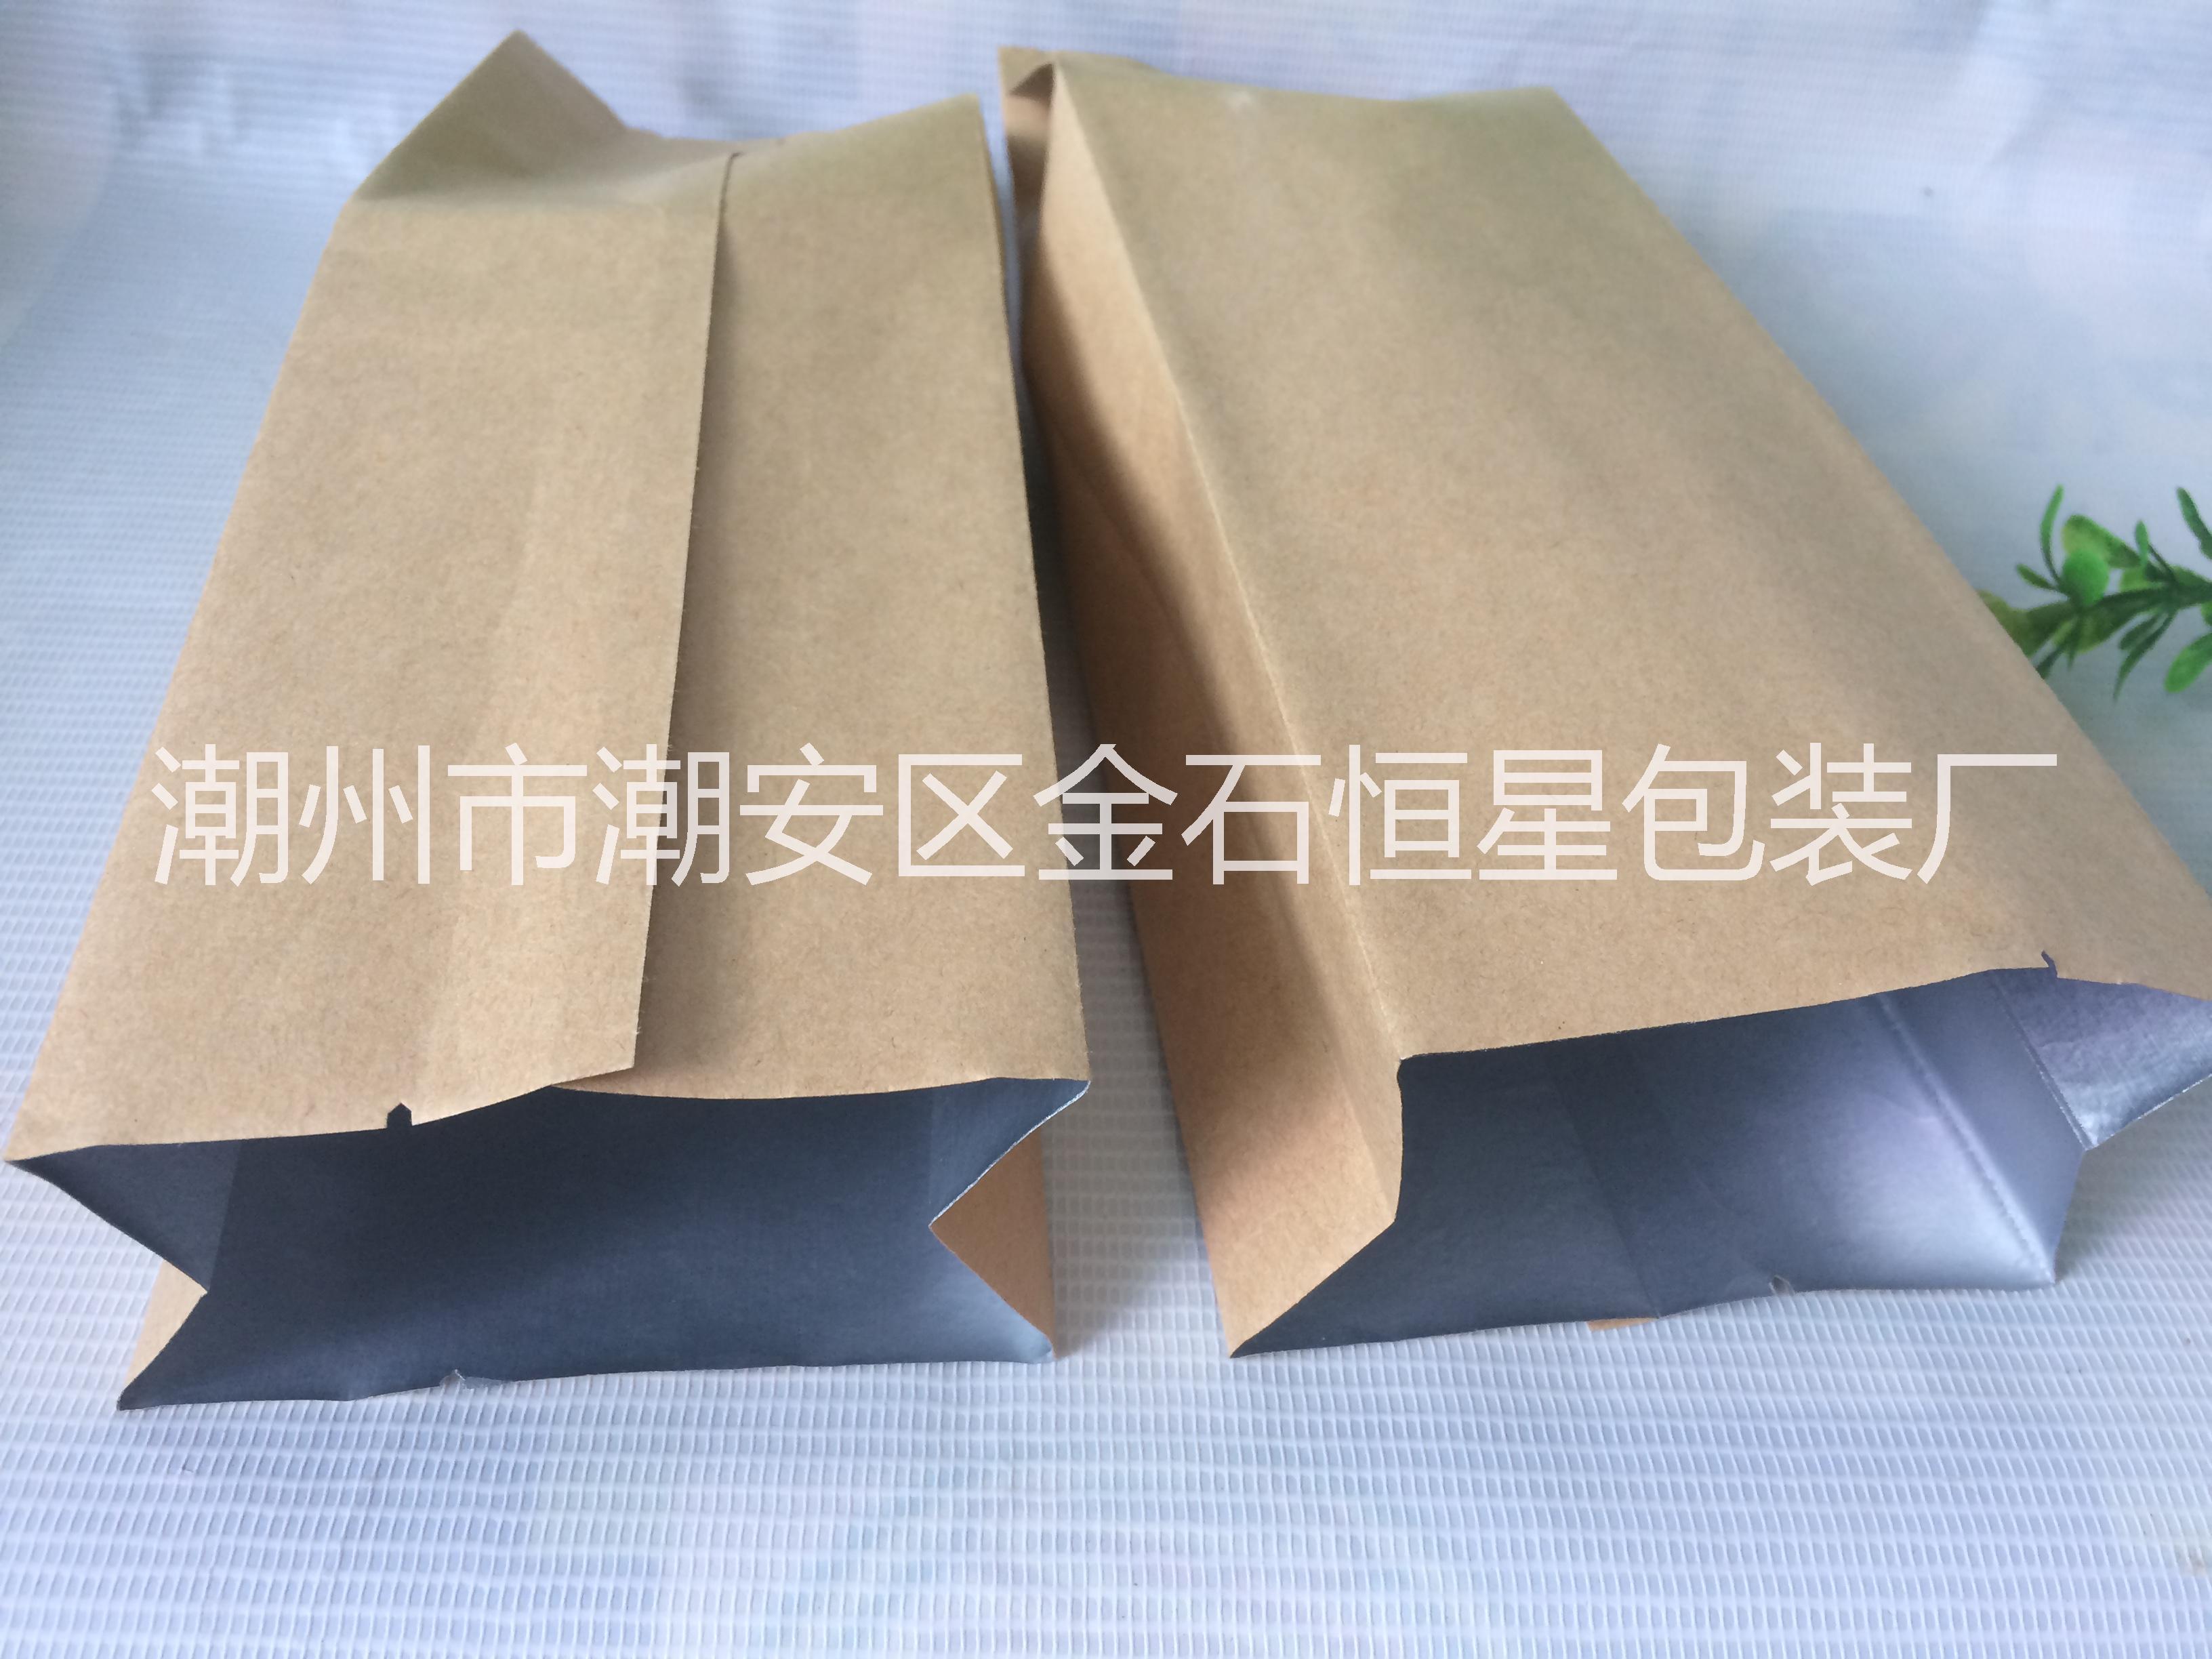 牛皮纸包装袋定做生产厂家哪家好-供应商-厂家直销批发